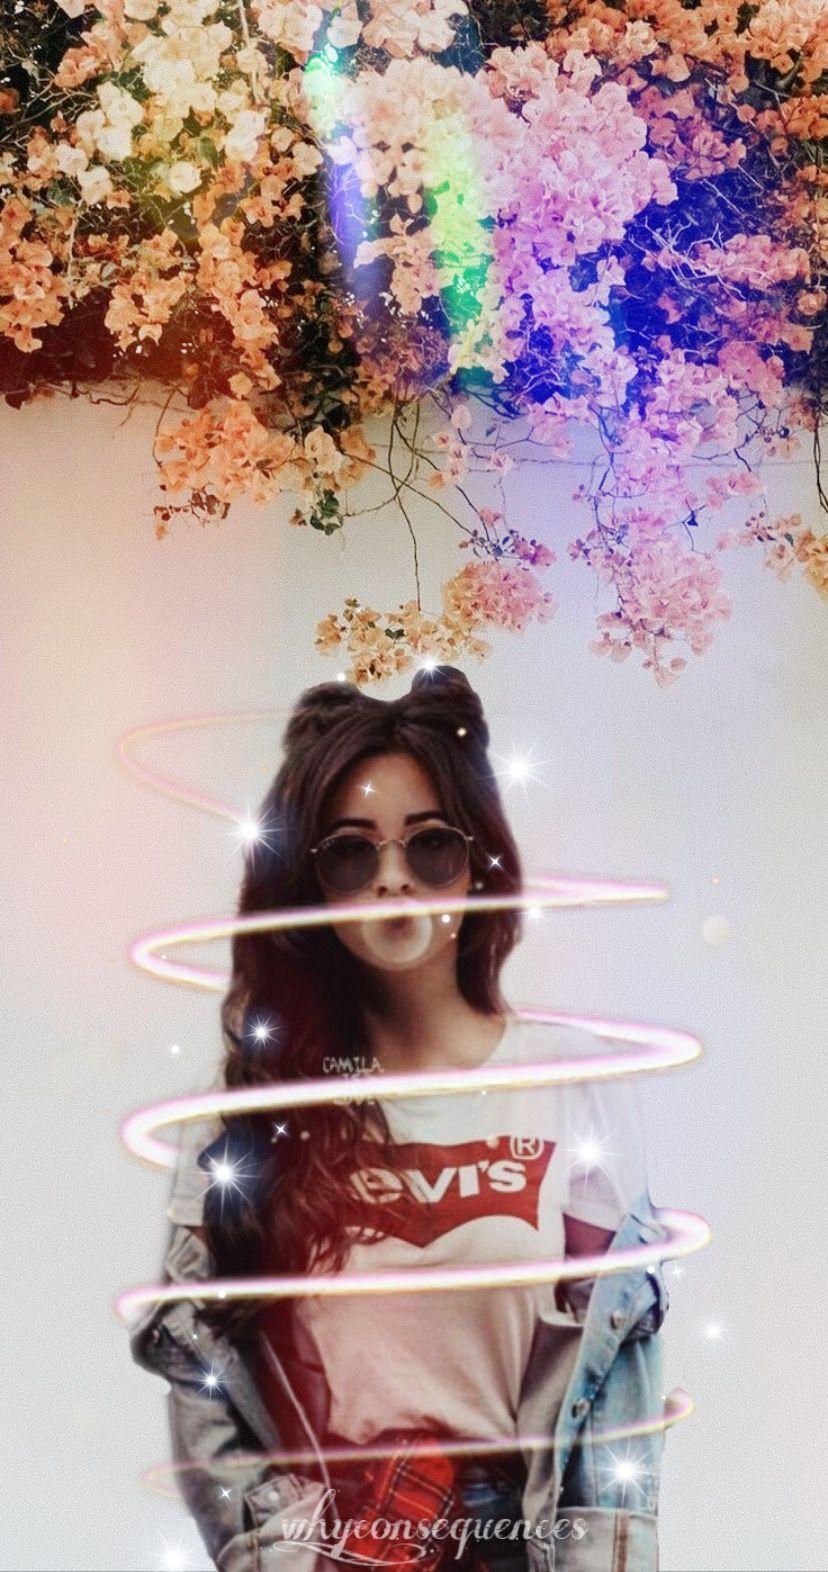 Camila Fan Edit Camilacabello Fanedit Wallpaper Fan Edits Camila Cabello Wallpaper